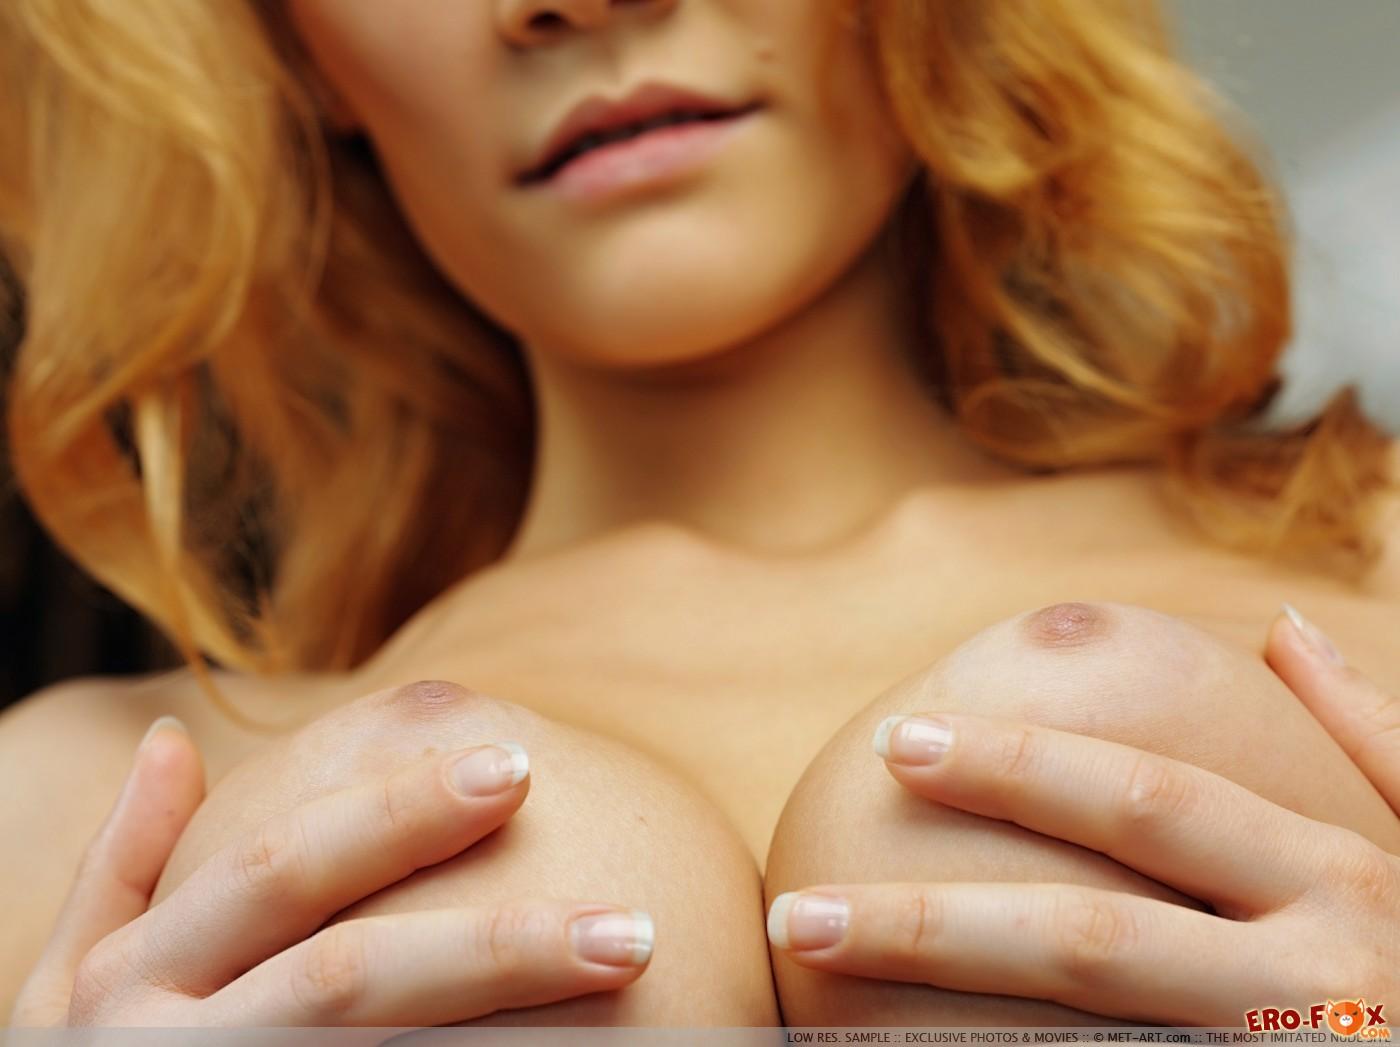 Девушка в пеньюаре показывает упругие дойки и письку - фото